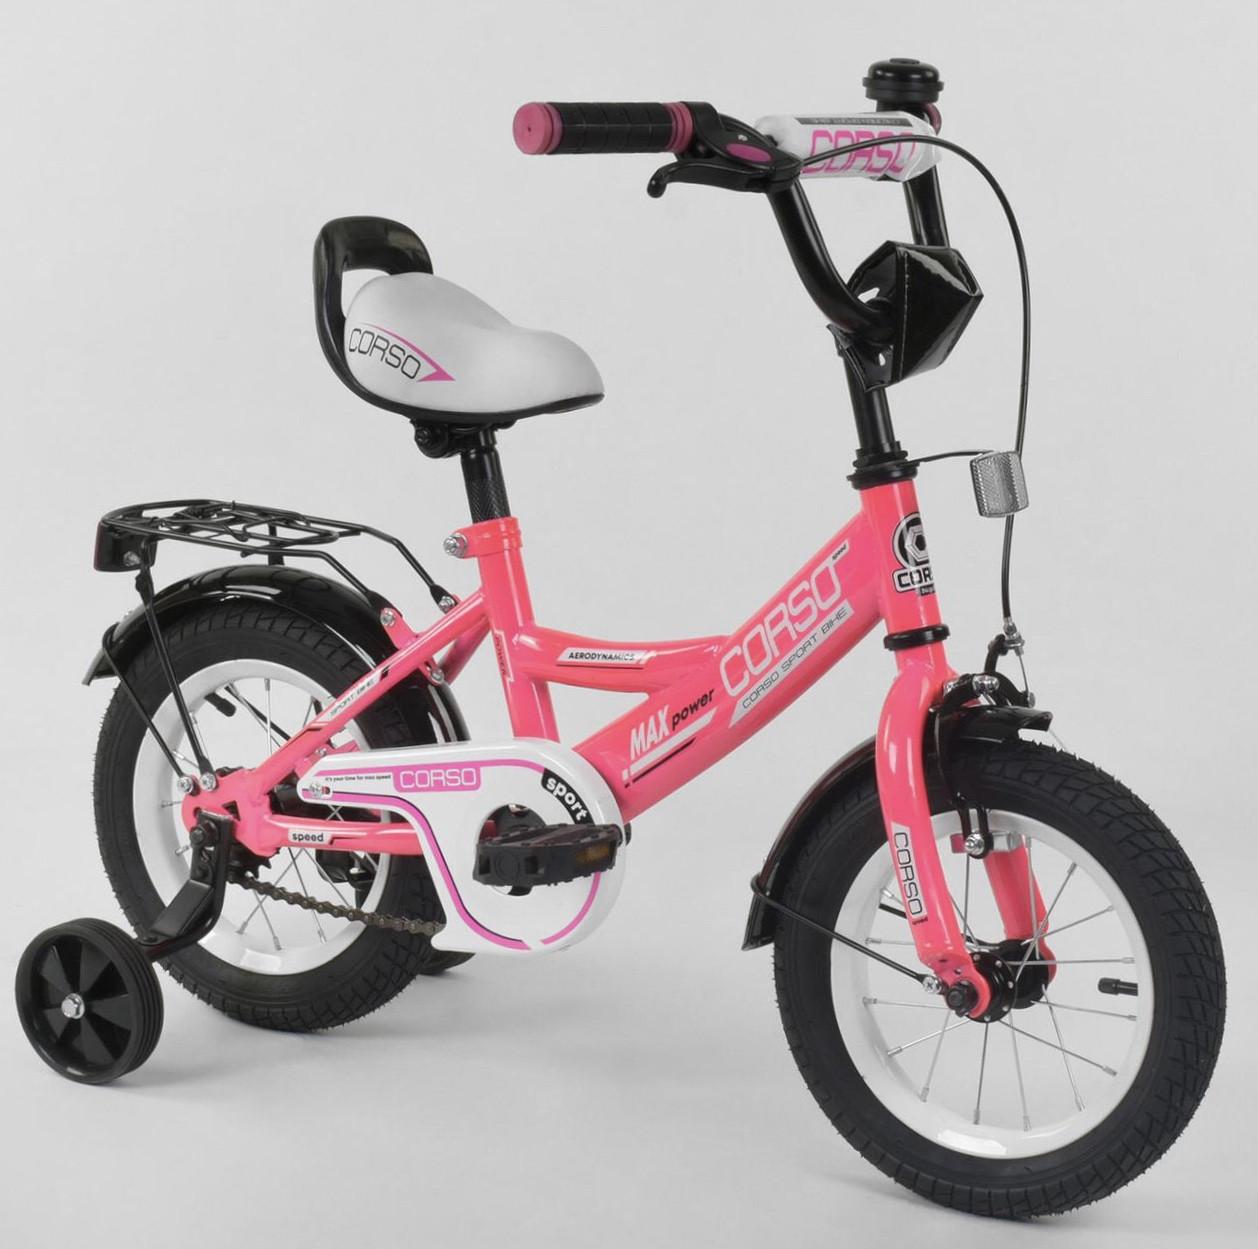 Велосипед 12 дюймов 2х колёсный CORSO CL-12 D 0373  ручной тормоз звоночек сидение с ручкой доп. колеса